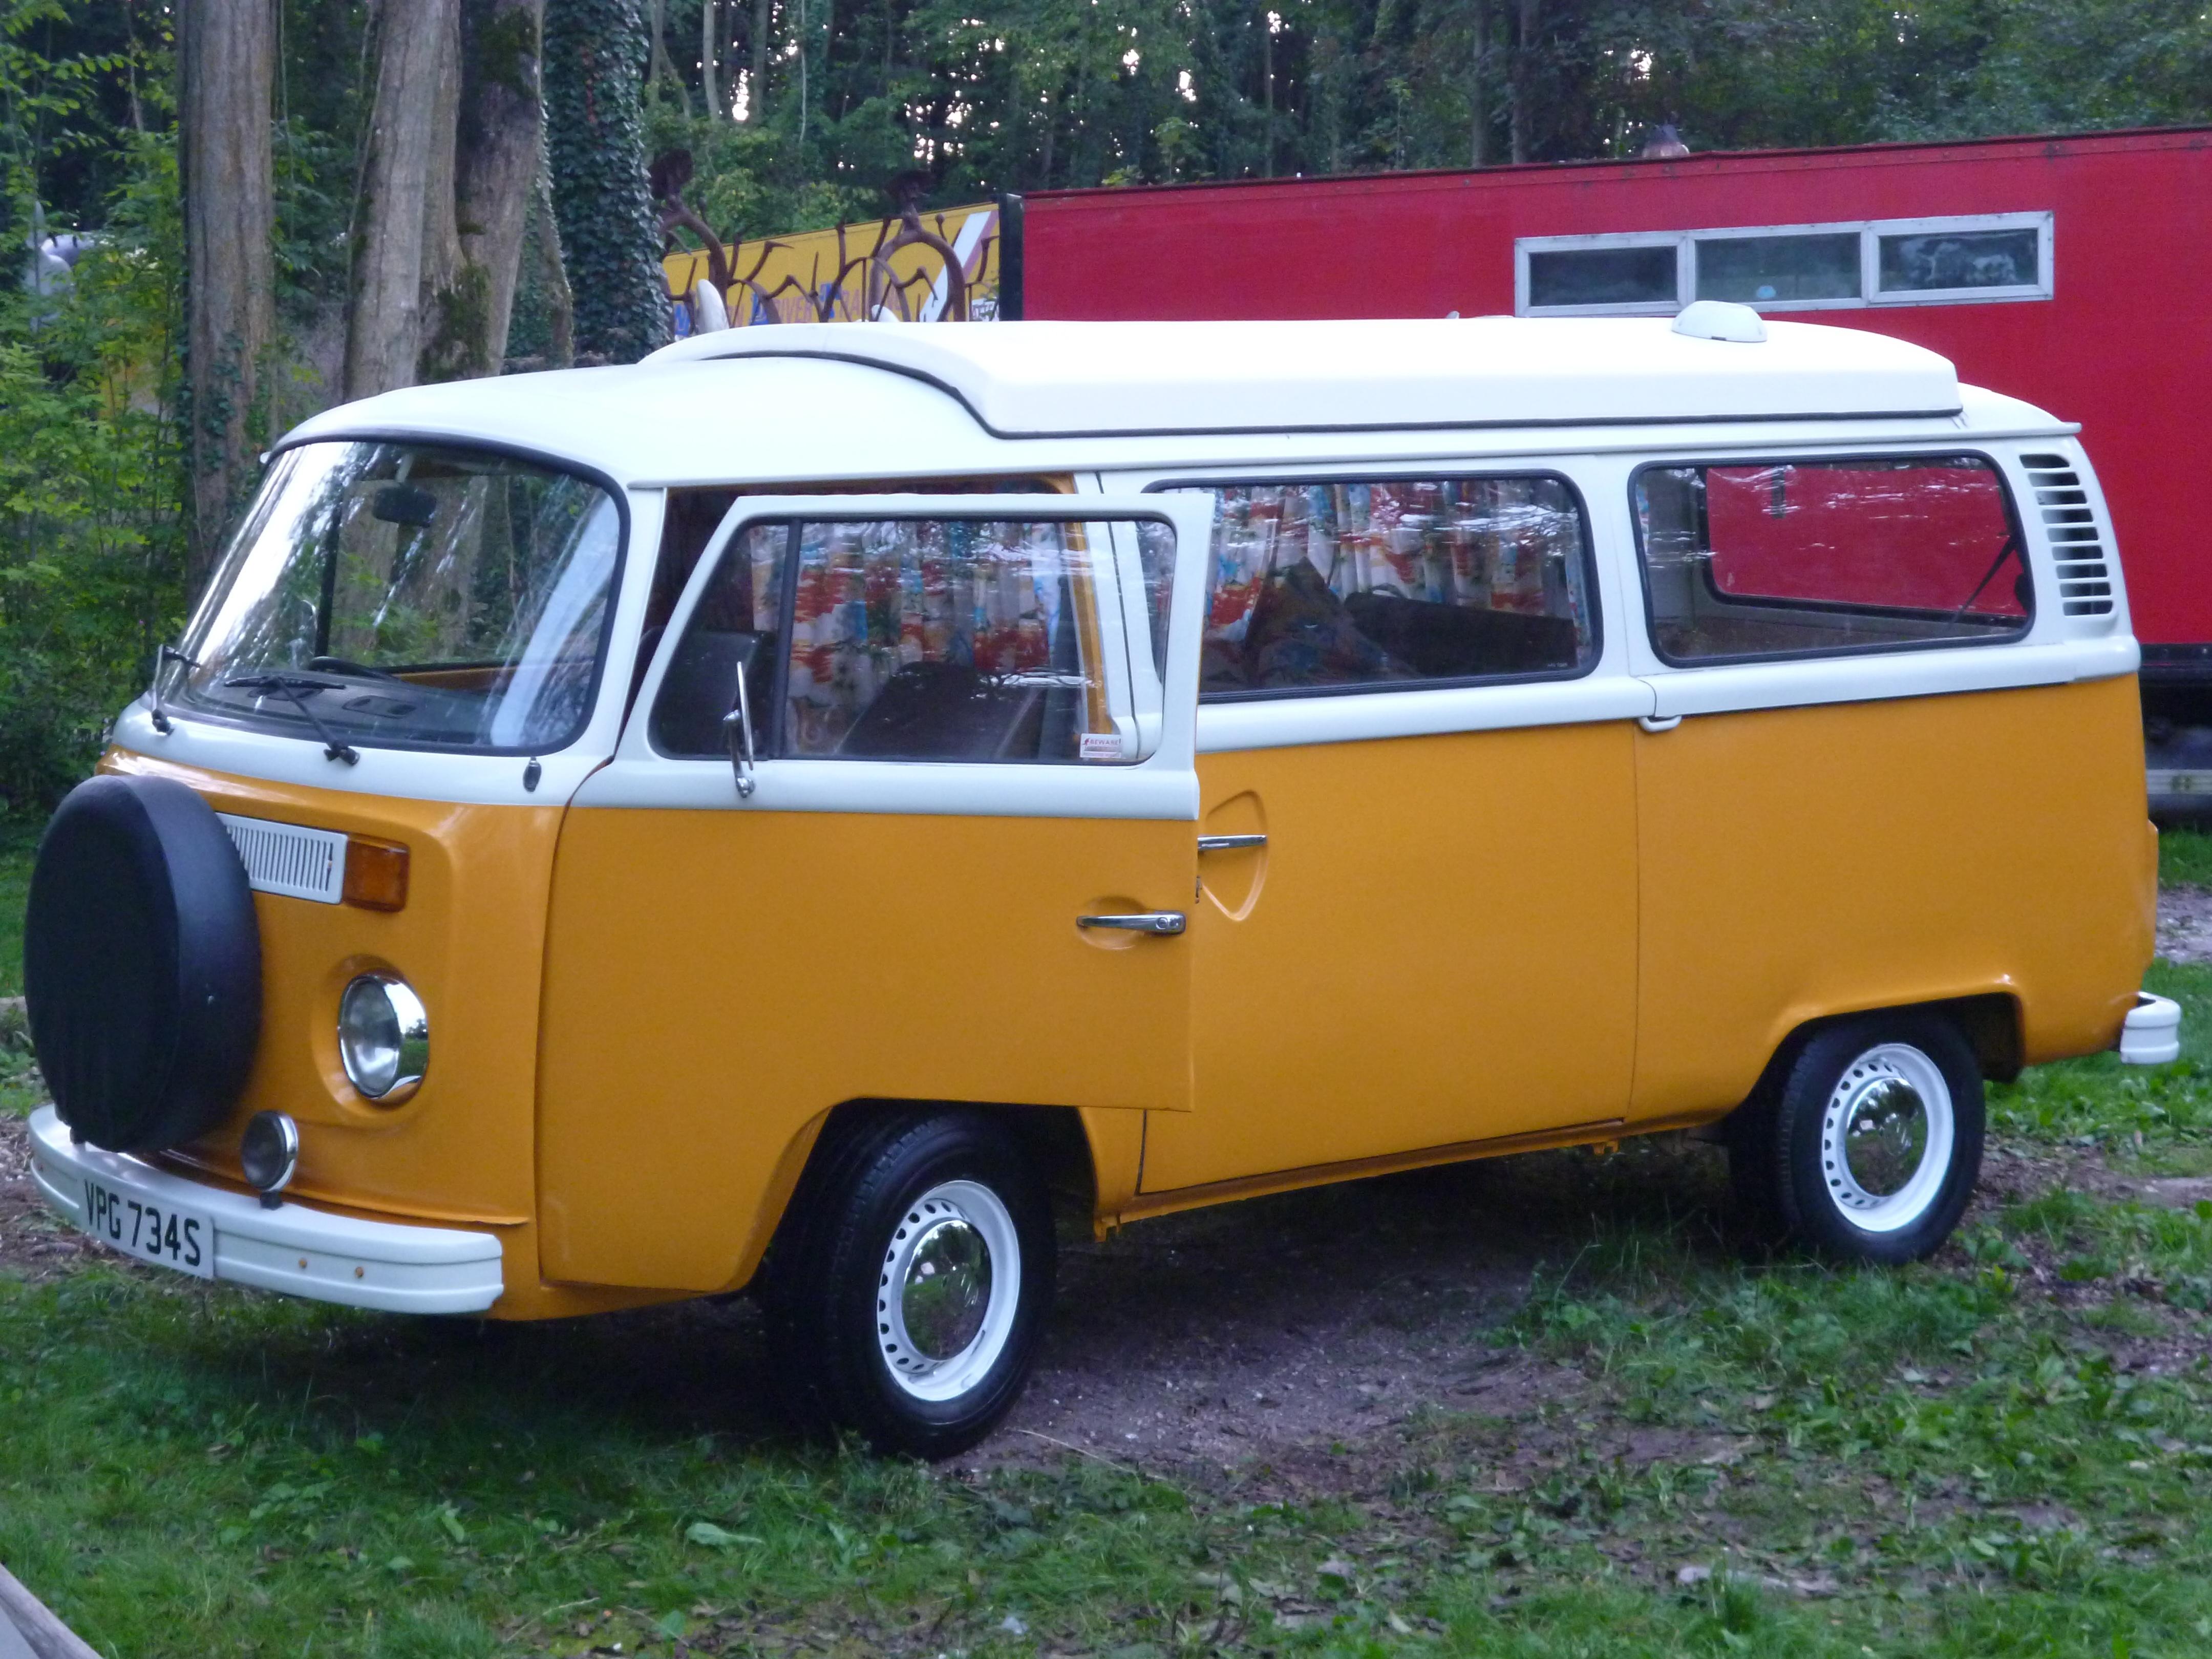 vw camper vans for sale. Black Bedroom Furniture Sets. Home Design Ideas